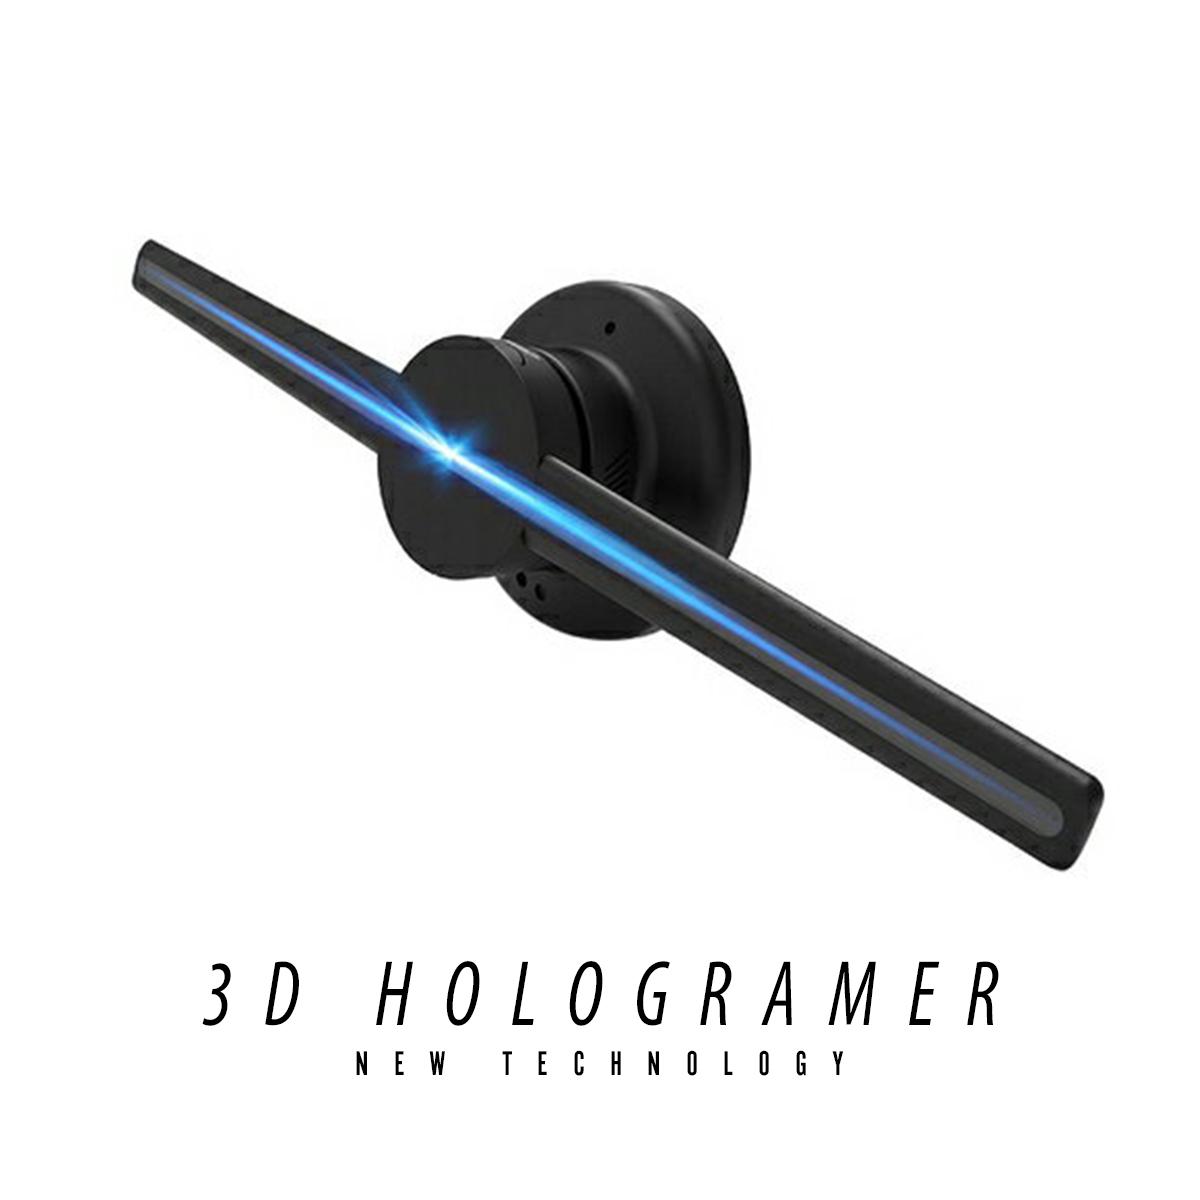 3D hologramer LEDモニター 最新広告 3D映像 ディスプレイ 立体映像 広告ディスプレイ 3Dホログラム広告プロジェクター 集客 デジタルサイネージ サインボード 店舗ディスプレイ